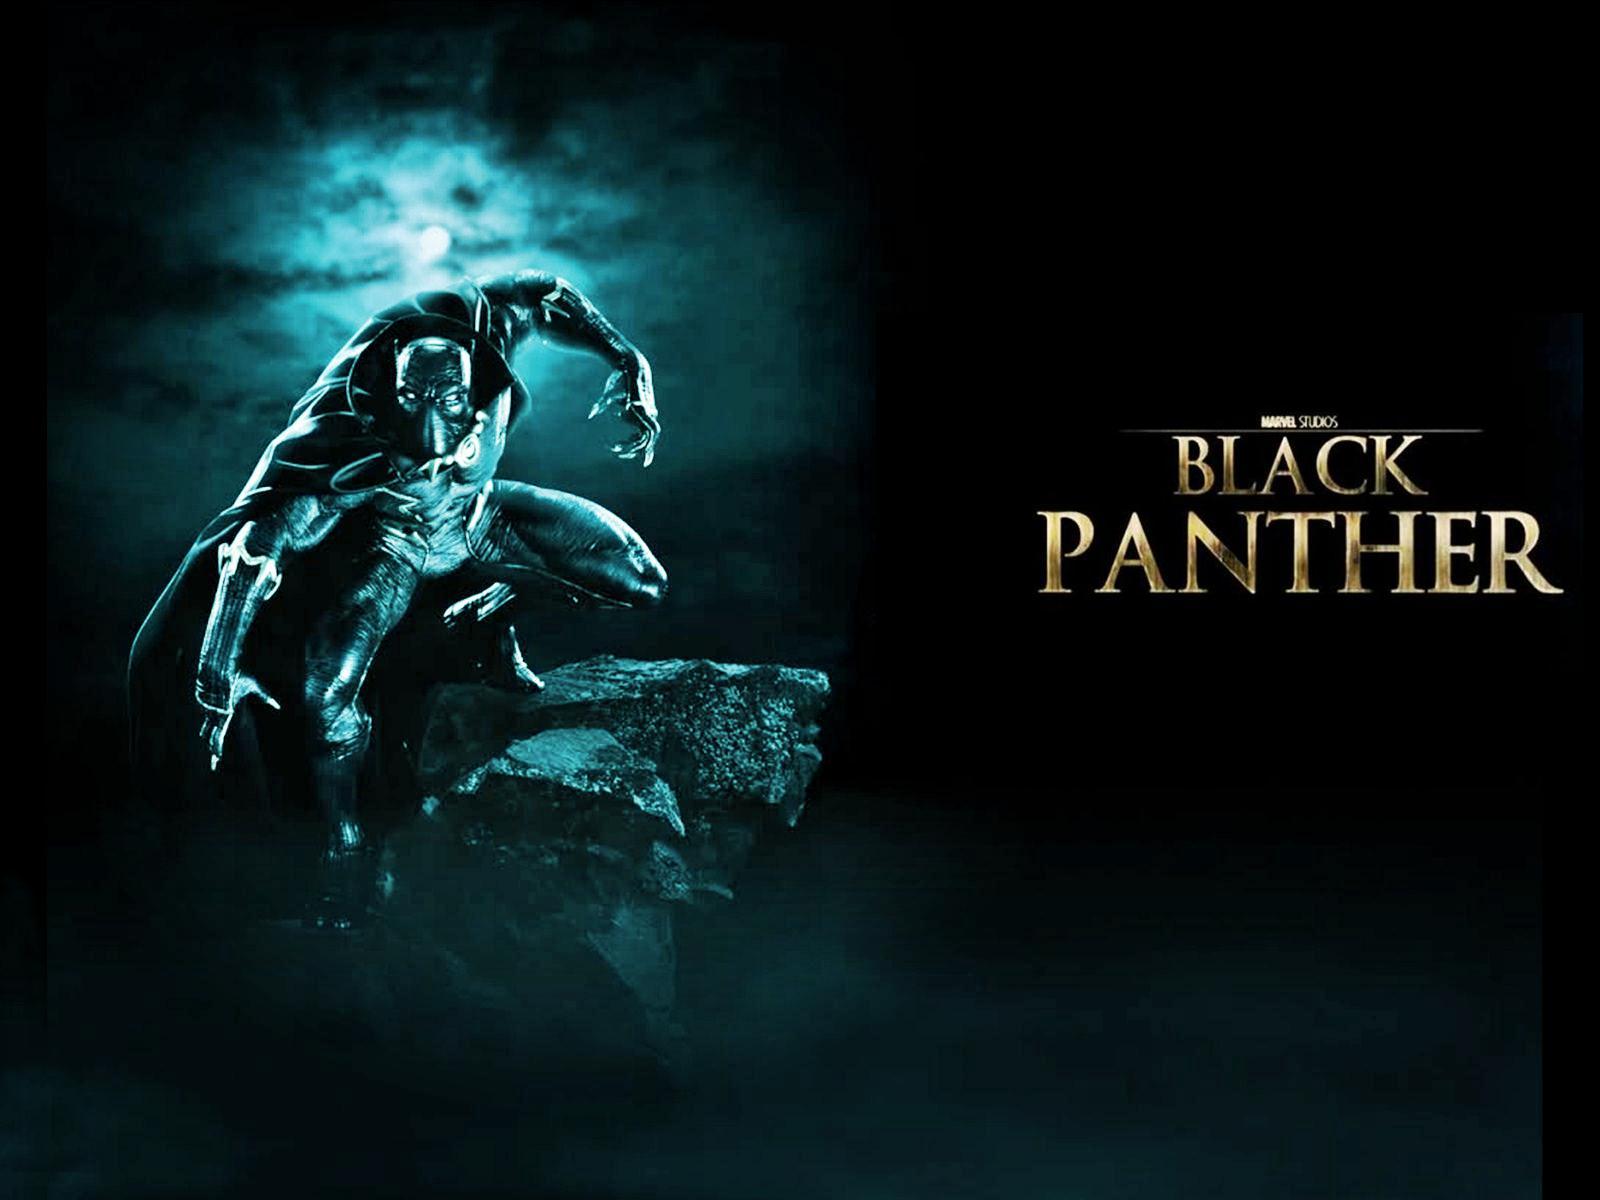 44 Black Panther Hd Wallpaper On Wallpapersafari